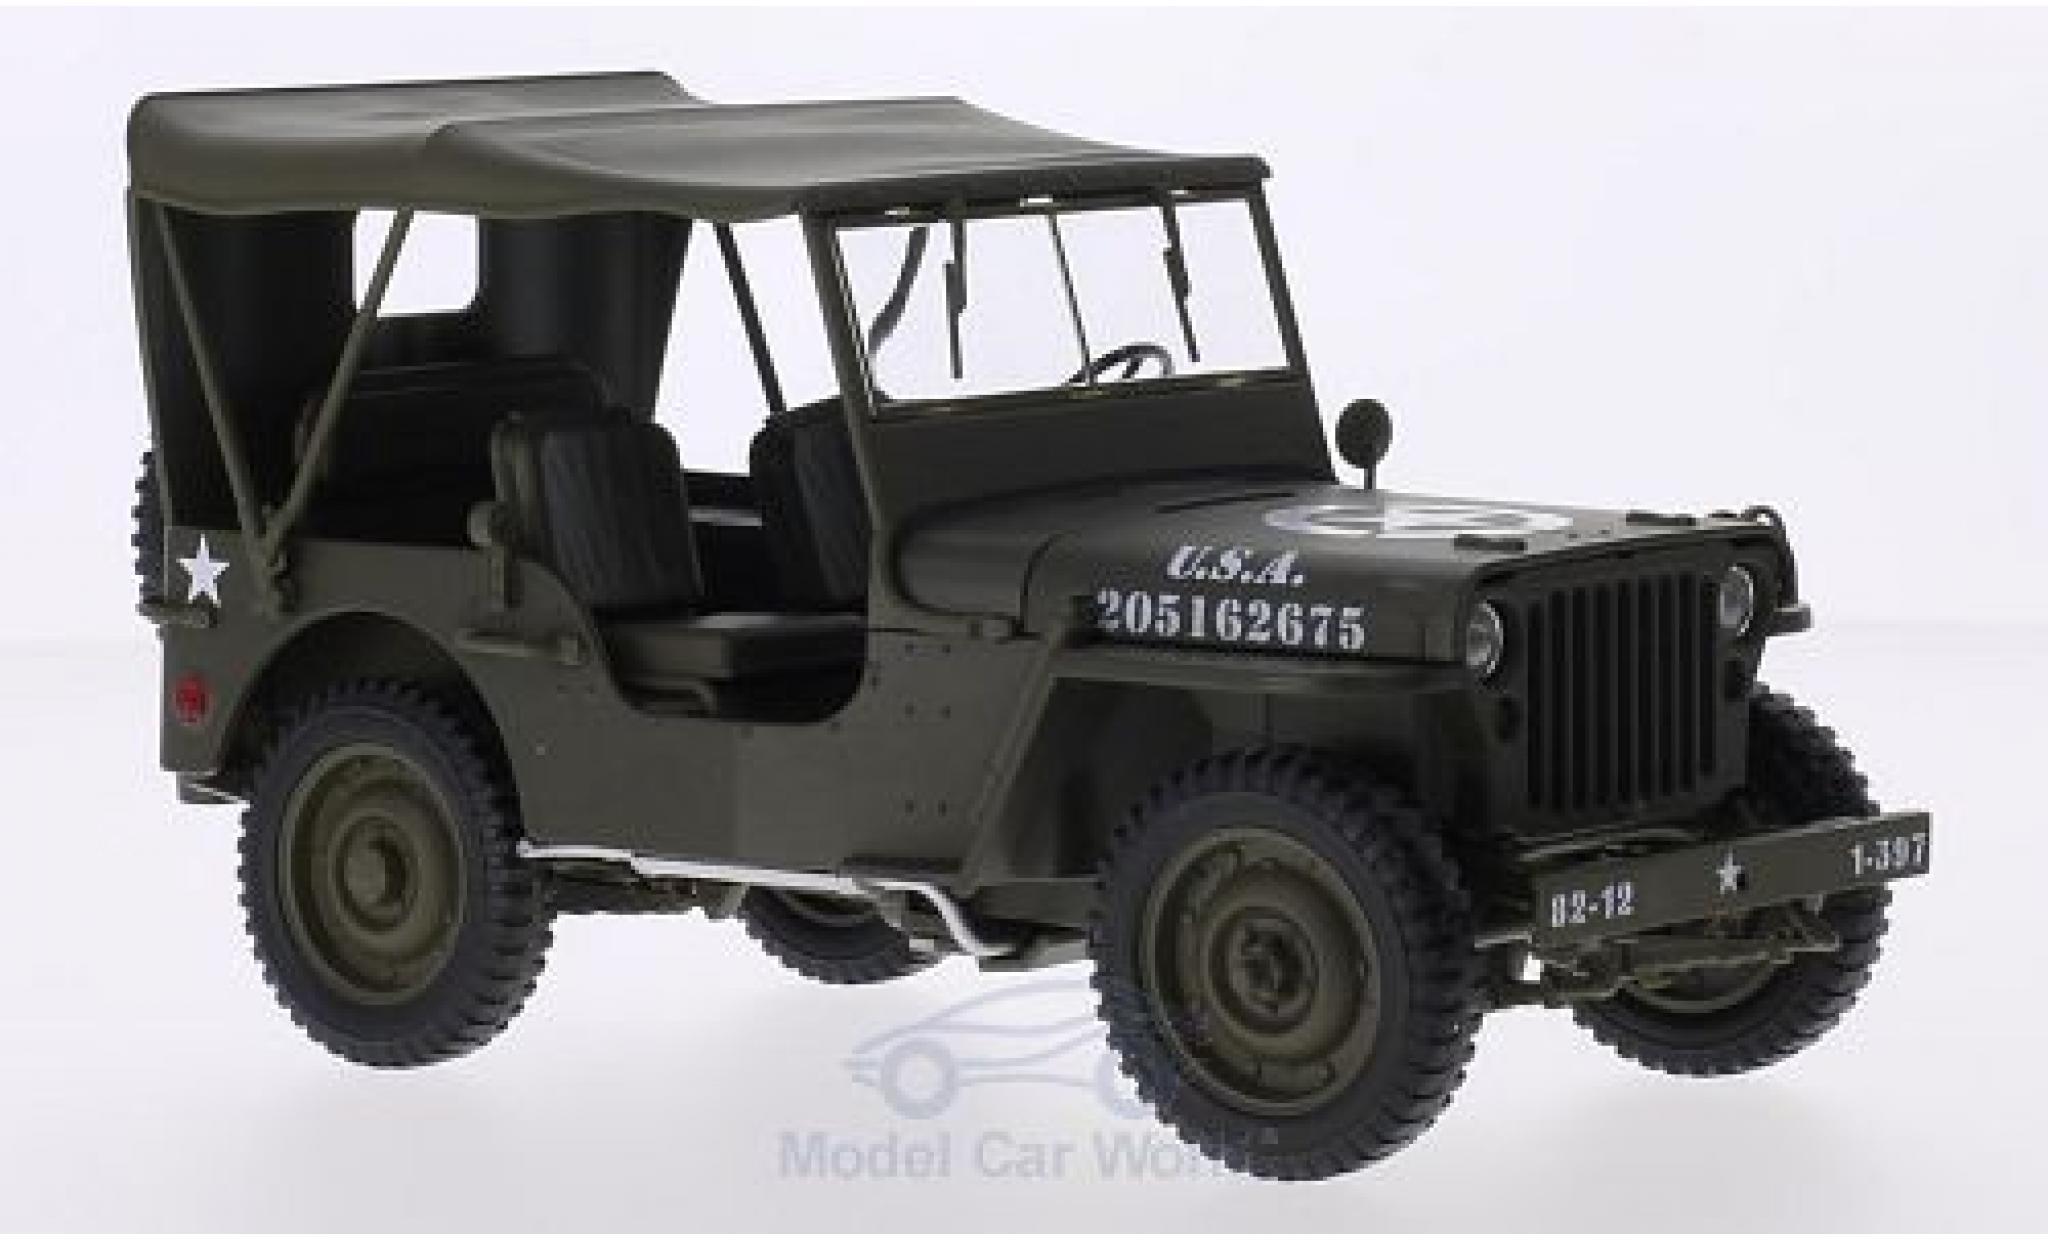 Jeep Willys 1/18 Welly matt-oliv U.S. Army geschlossen